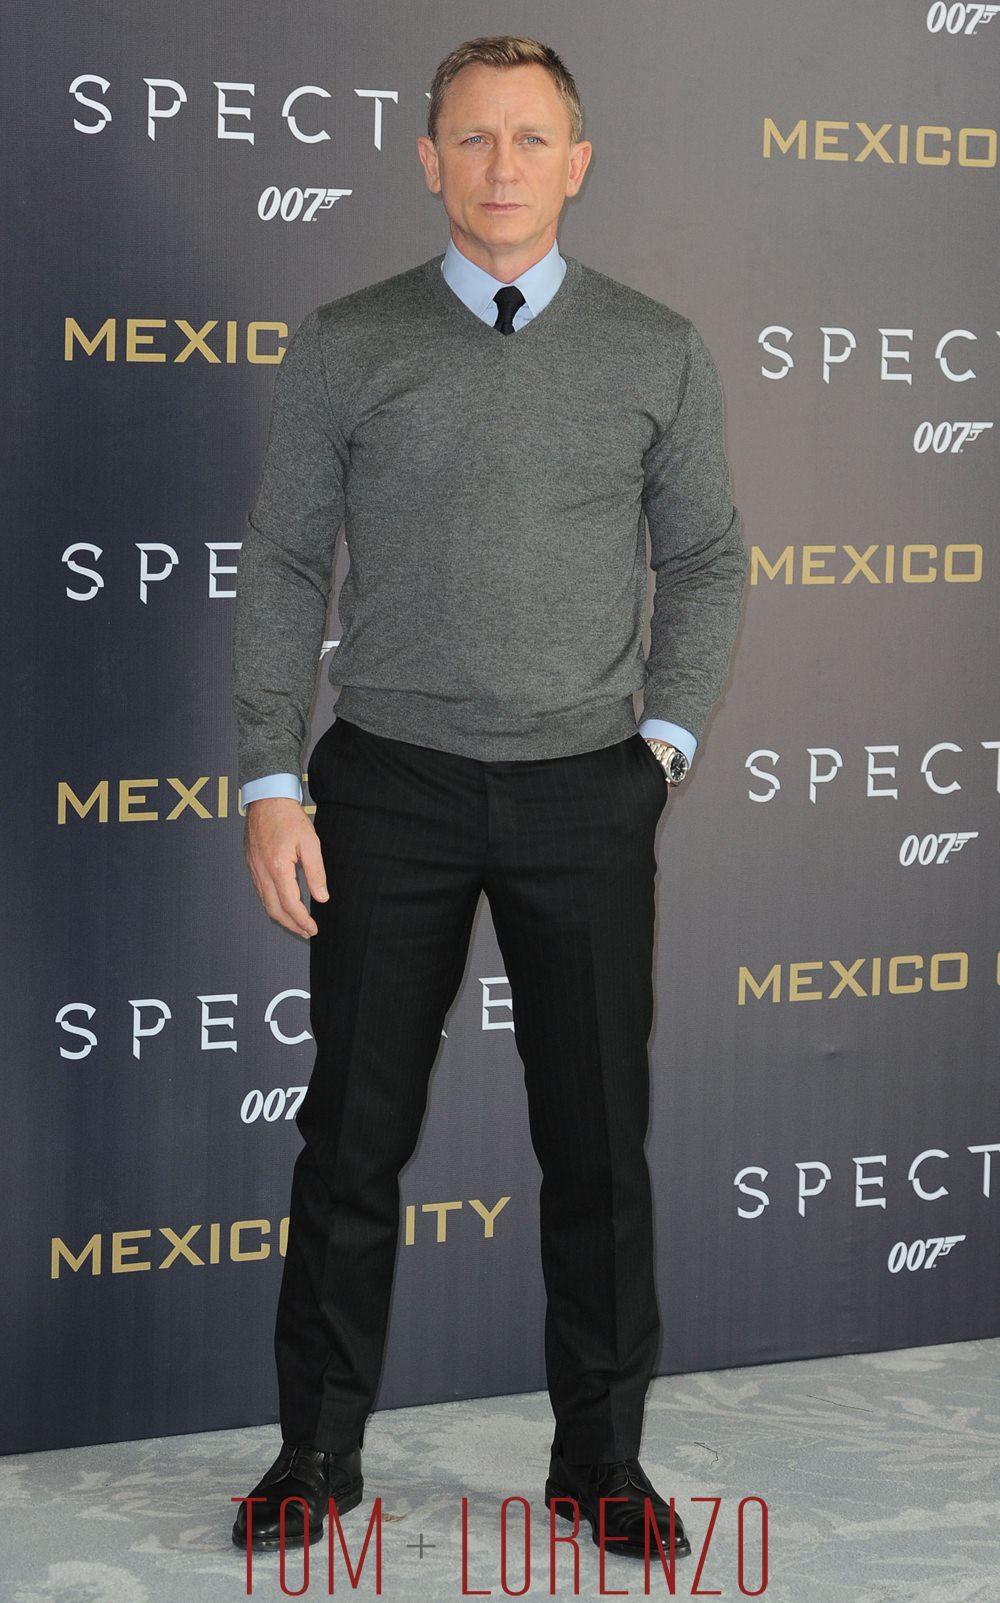 James Bond Iphone Wallpaper Daniel Craig At The Quot Spectre Quot Mexico City Photo Call Tom